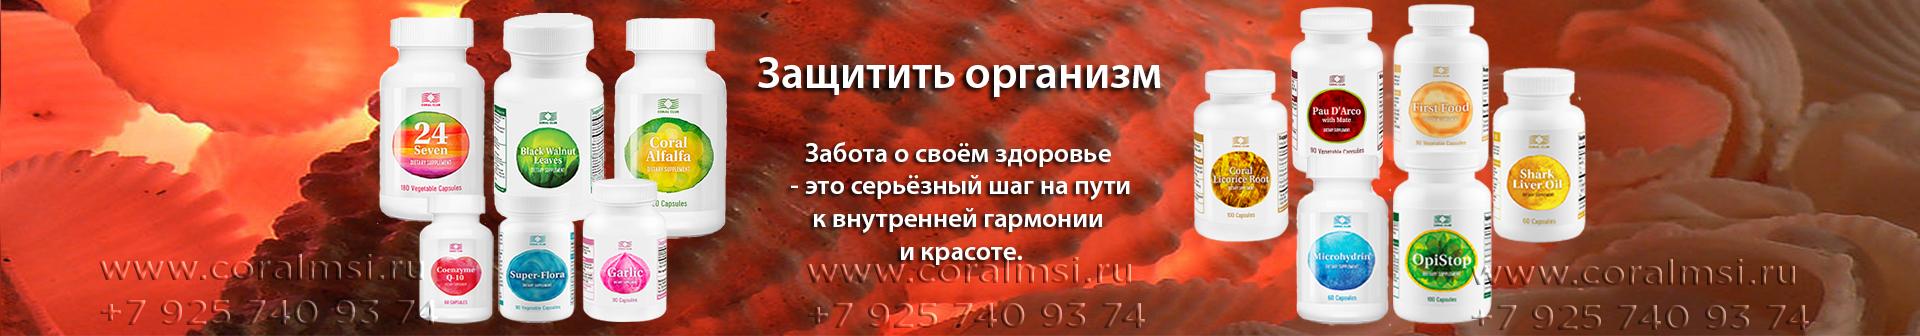 coral club pikkelysömör kezelése)